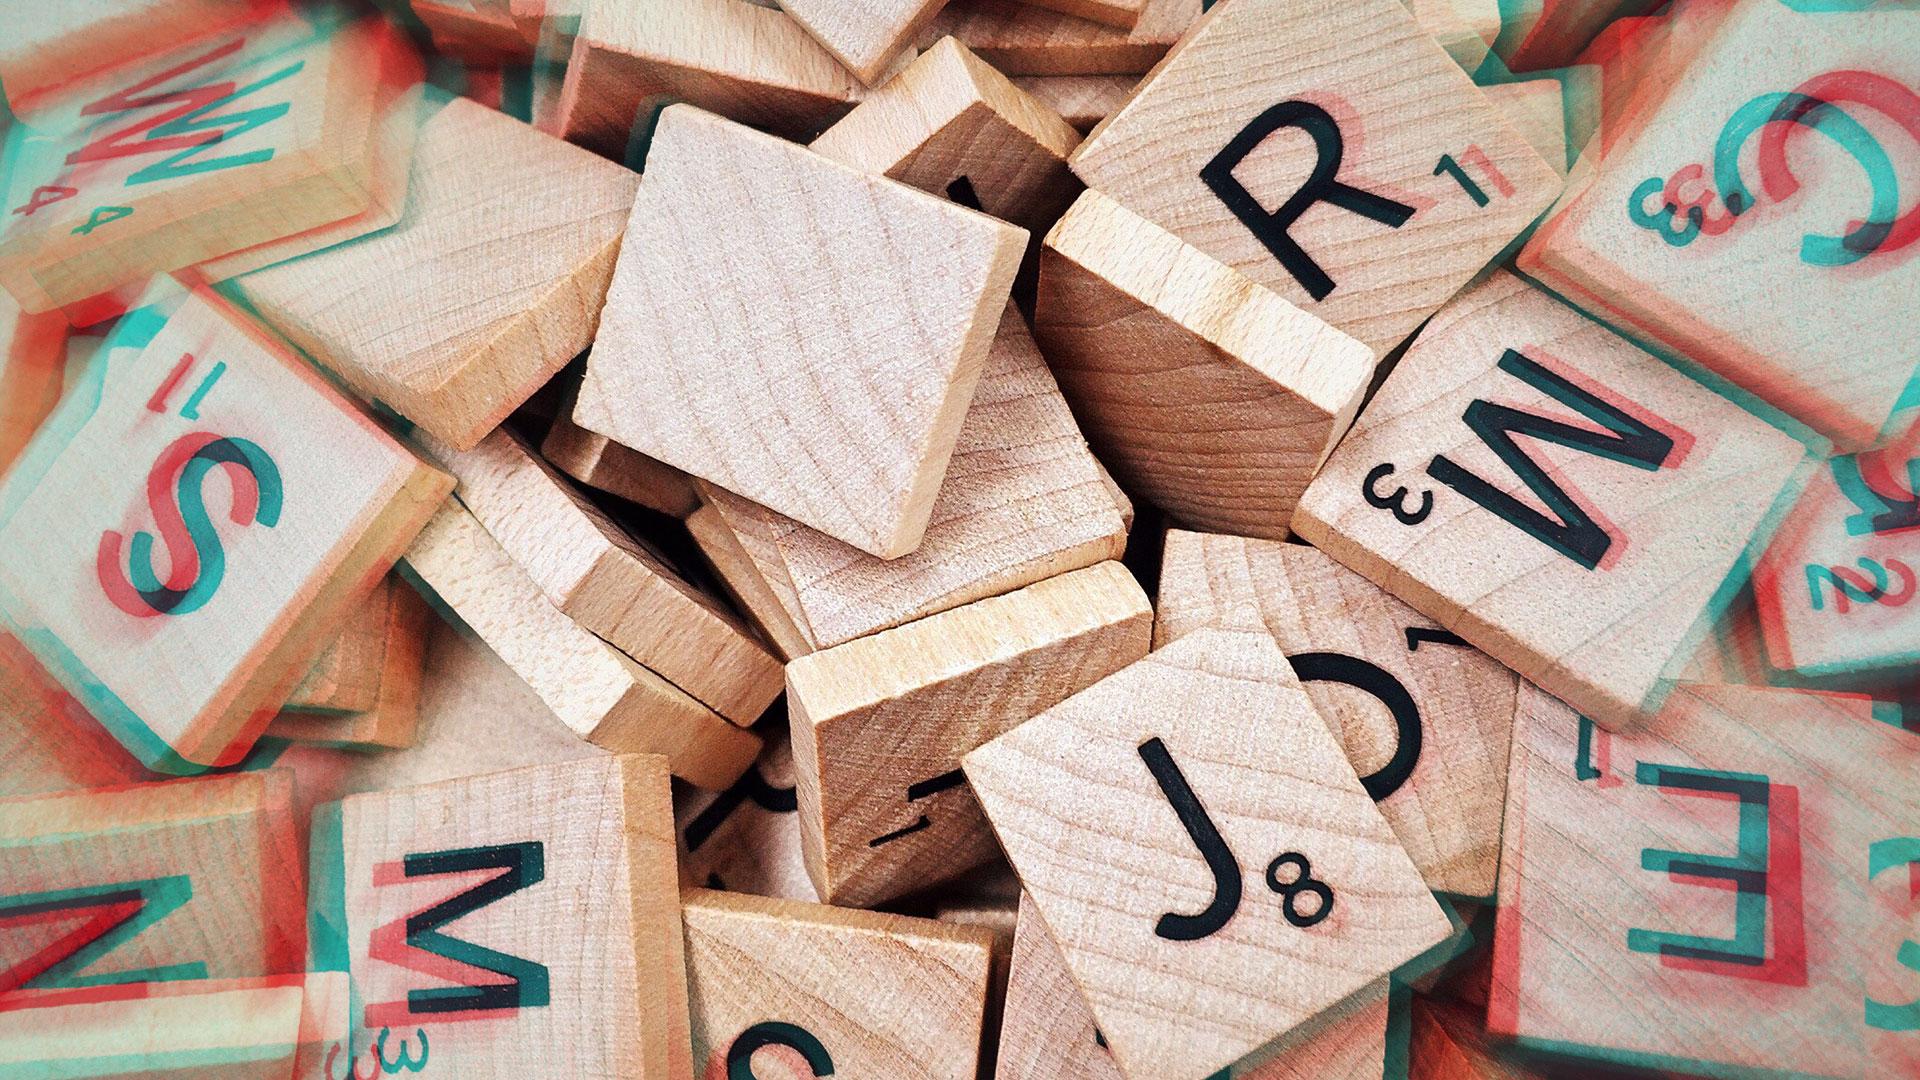 plein de lettre du Scrabble en bois avec le J en avant